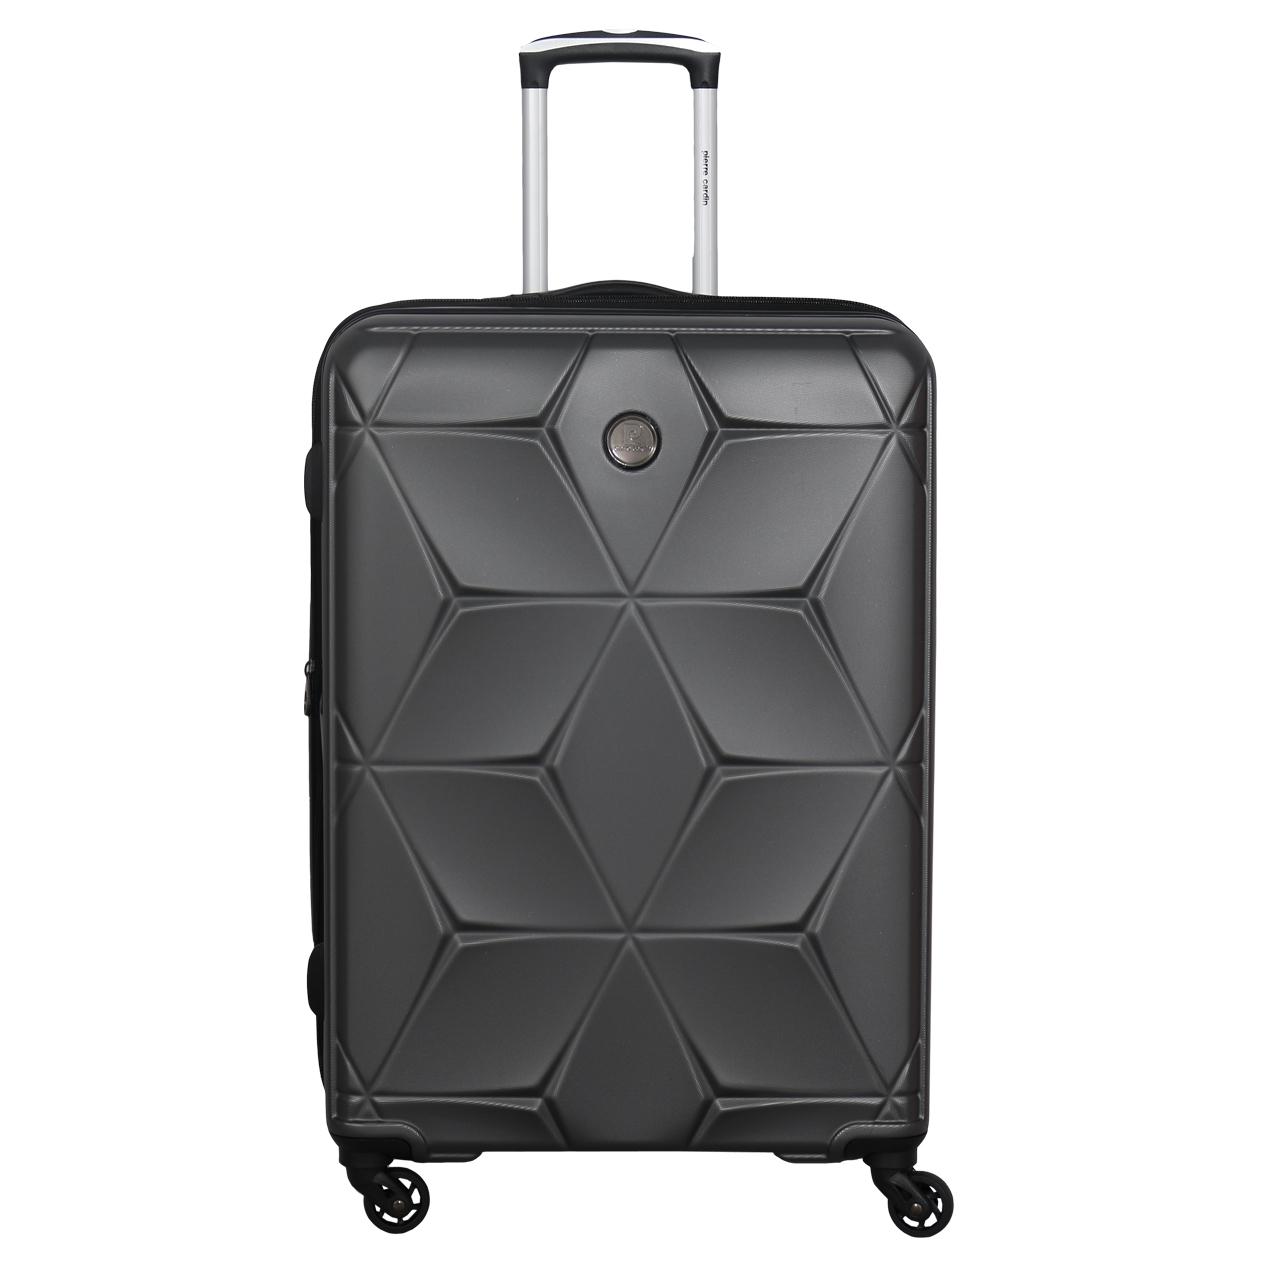 چمدان پیر کاردین مدل pc290 سایزمتوسط